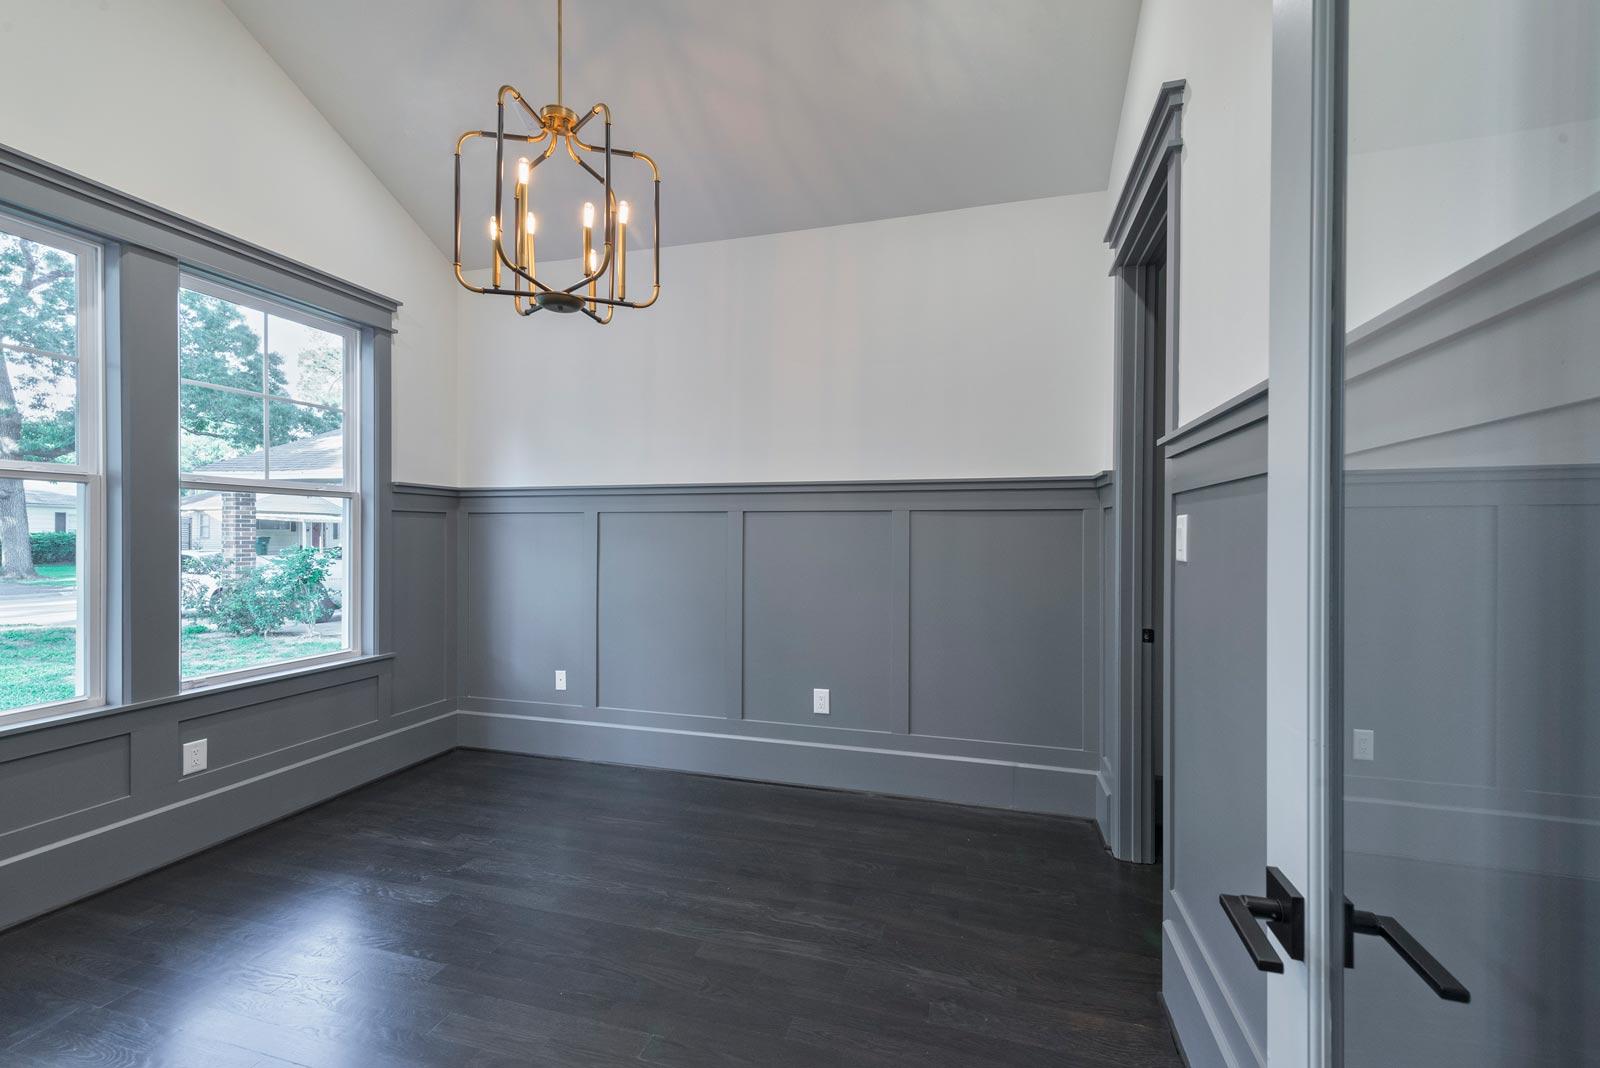 Houston-Homebuilder-Custom-Homebuilder-Central-Houston-Homebuilder-Oak-Forest-Homebuilder-Dark-Gray-Wainscoting-Antique-Gold-and-Black-Chandelier